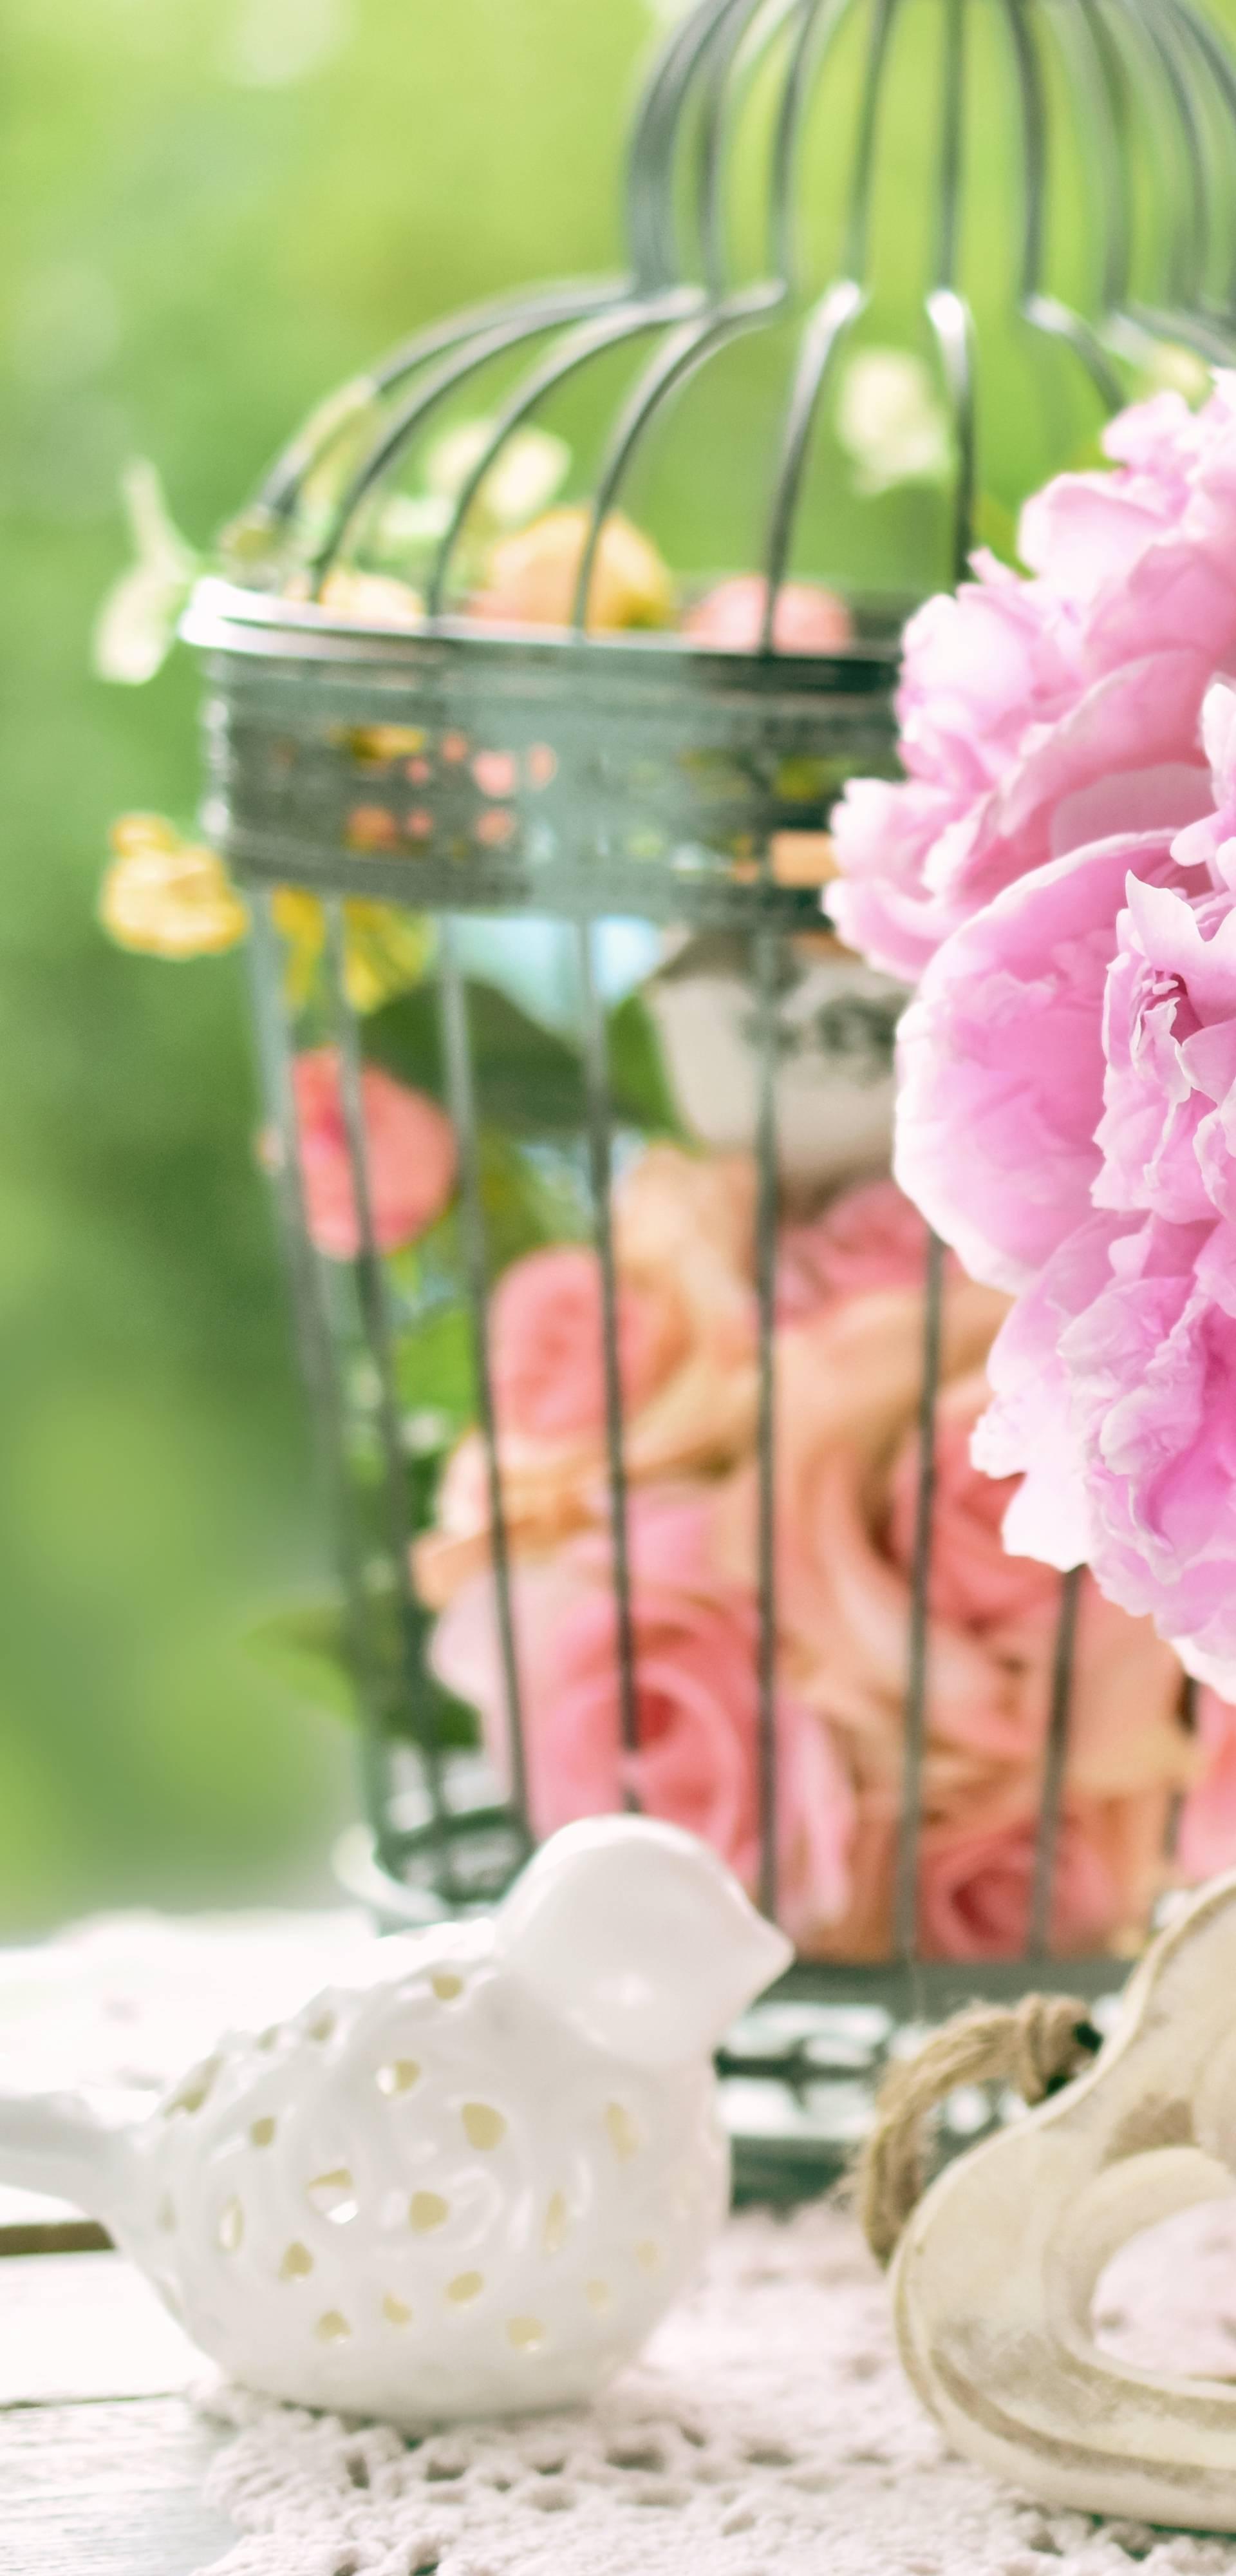 Ne znate što raditi kod kuće? Novi hobi: Aranžirajte cvijeće!